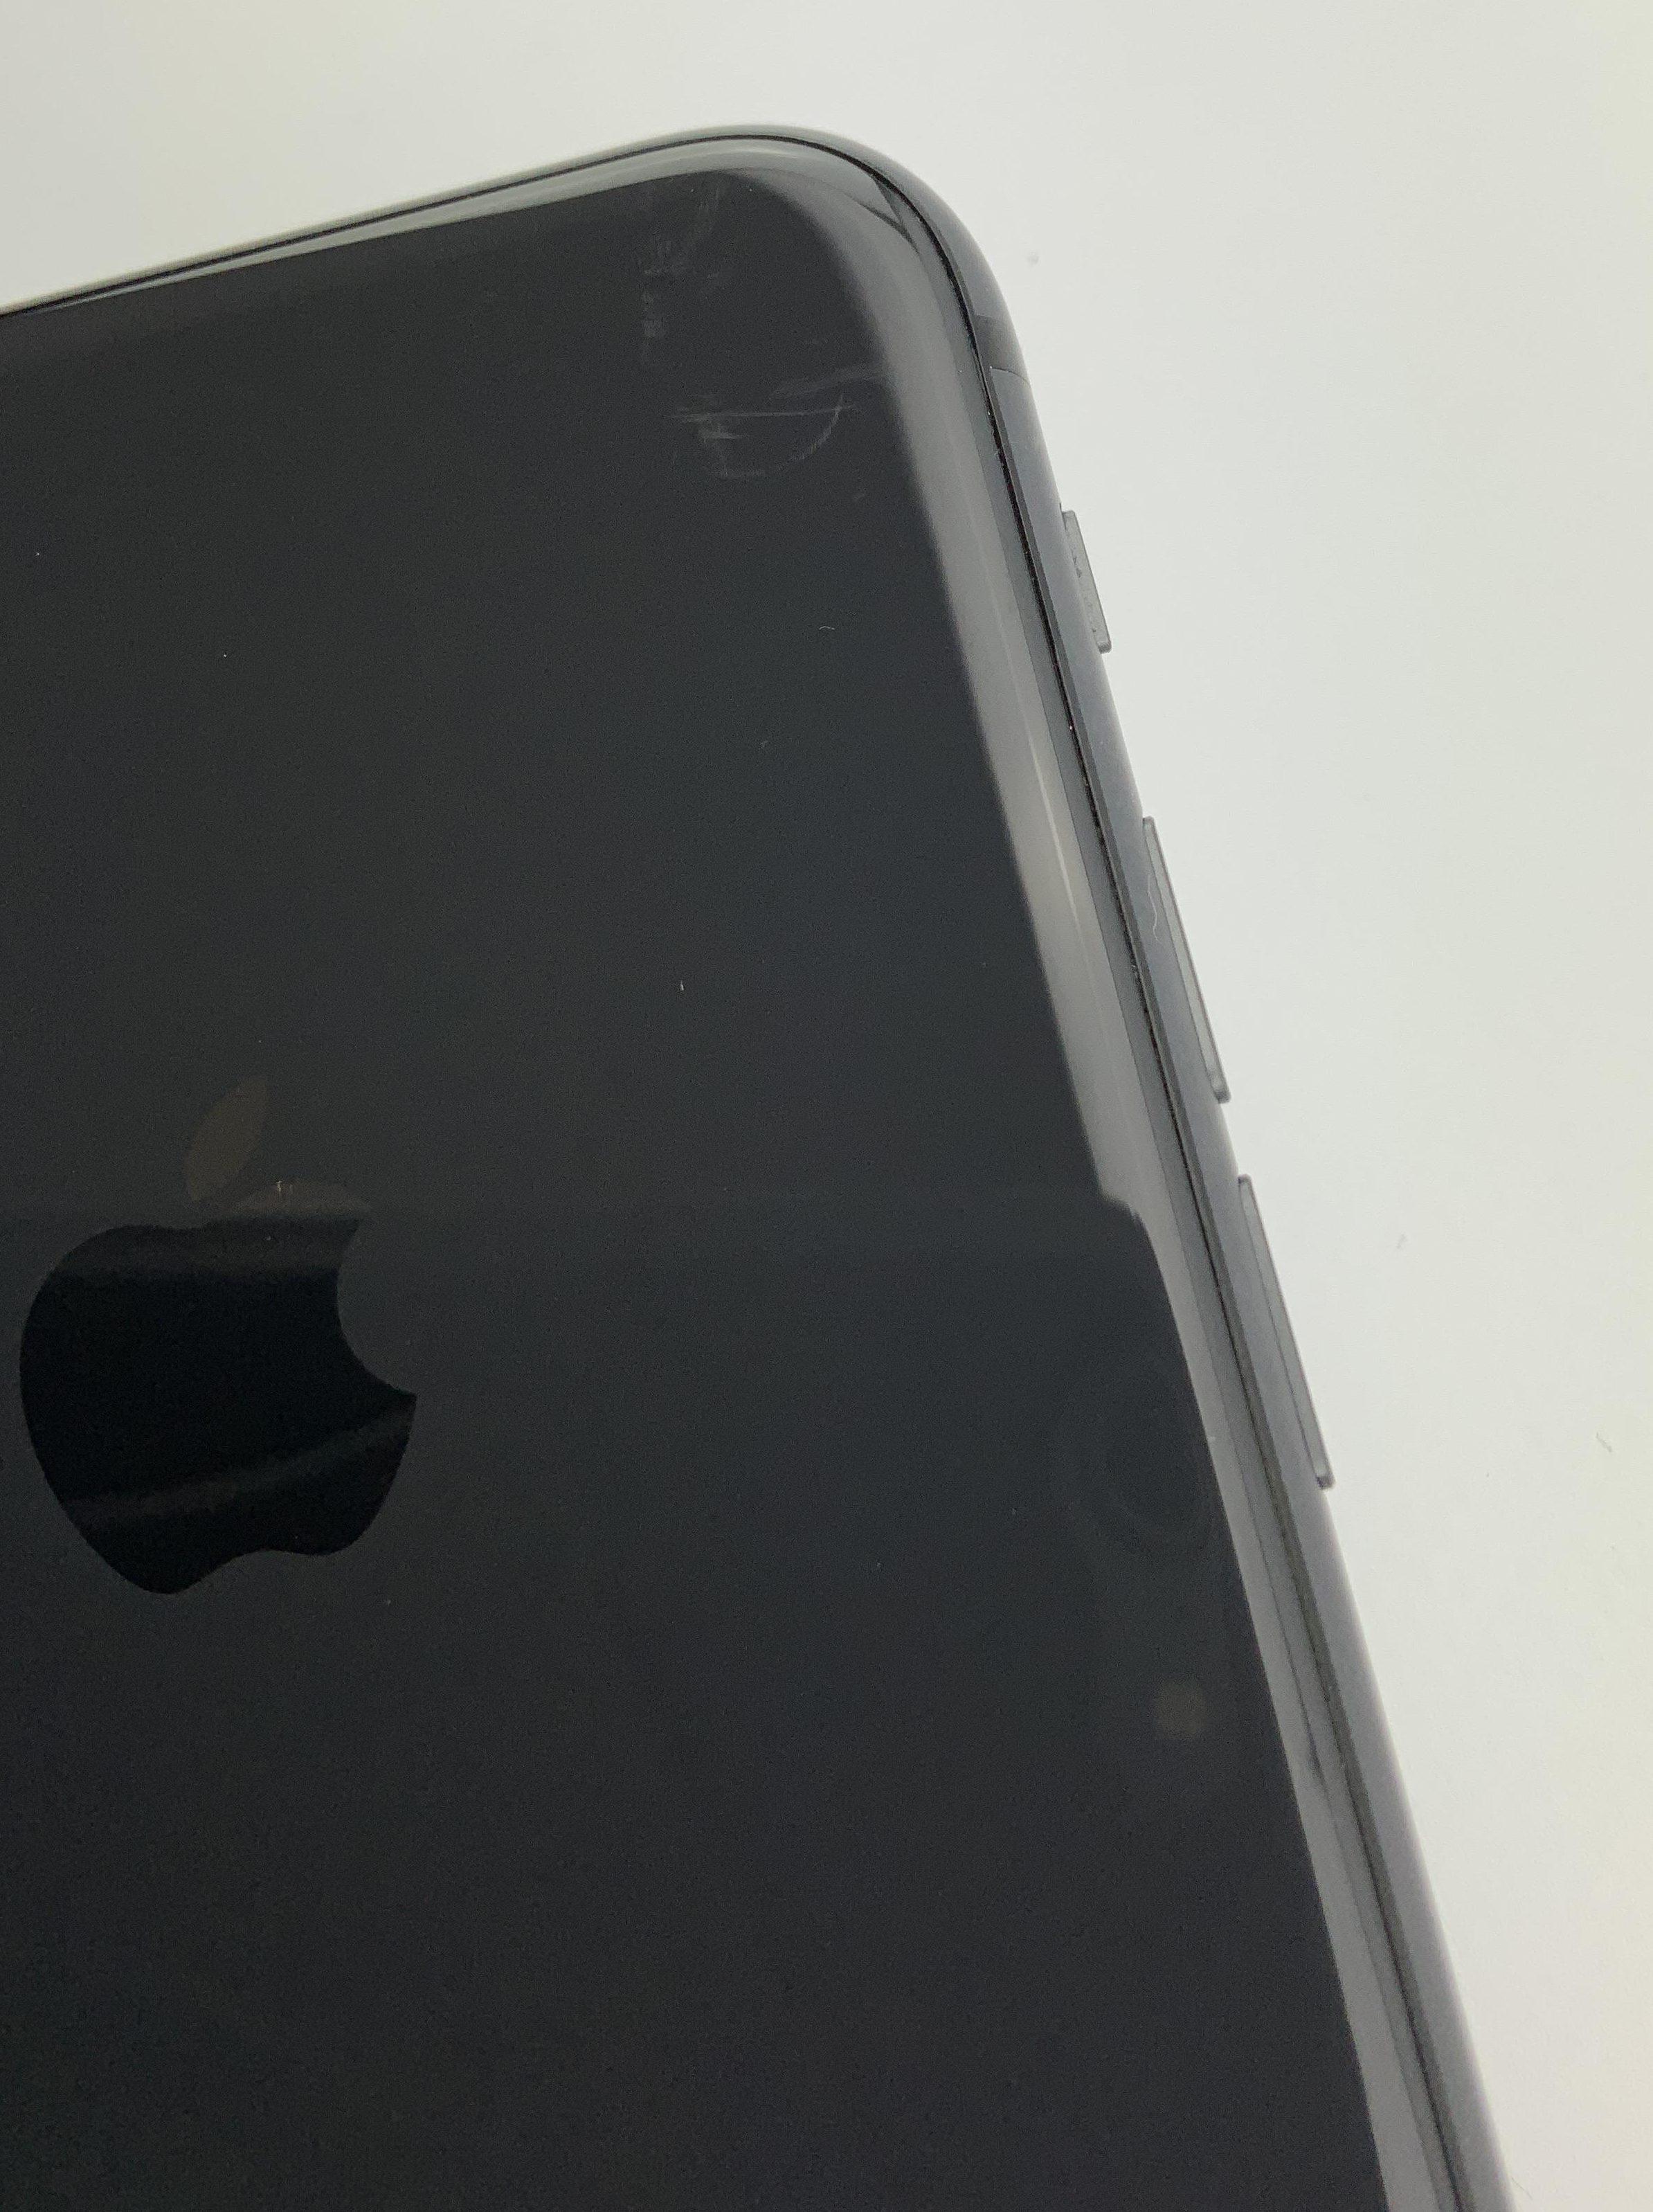 iPhone 8 64GB, 64GB, Space Gray, Kuva 3